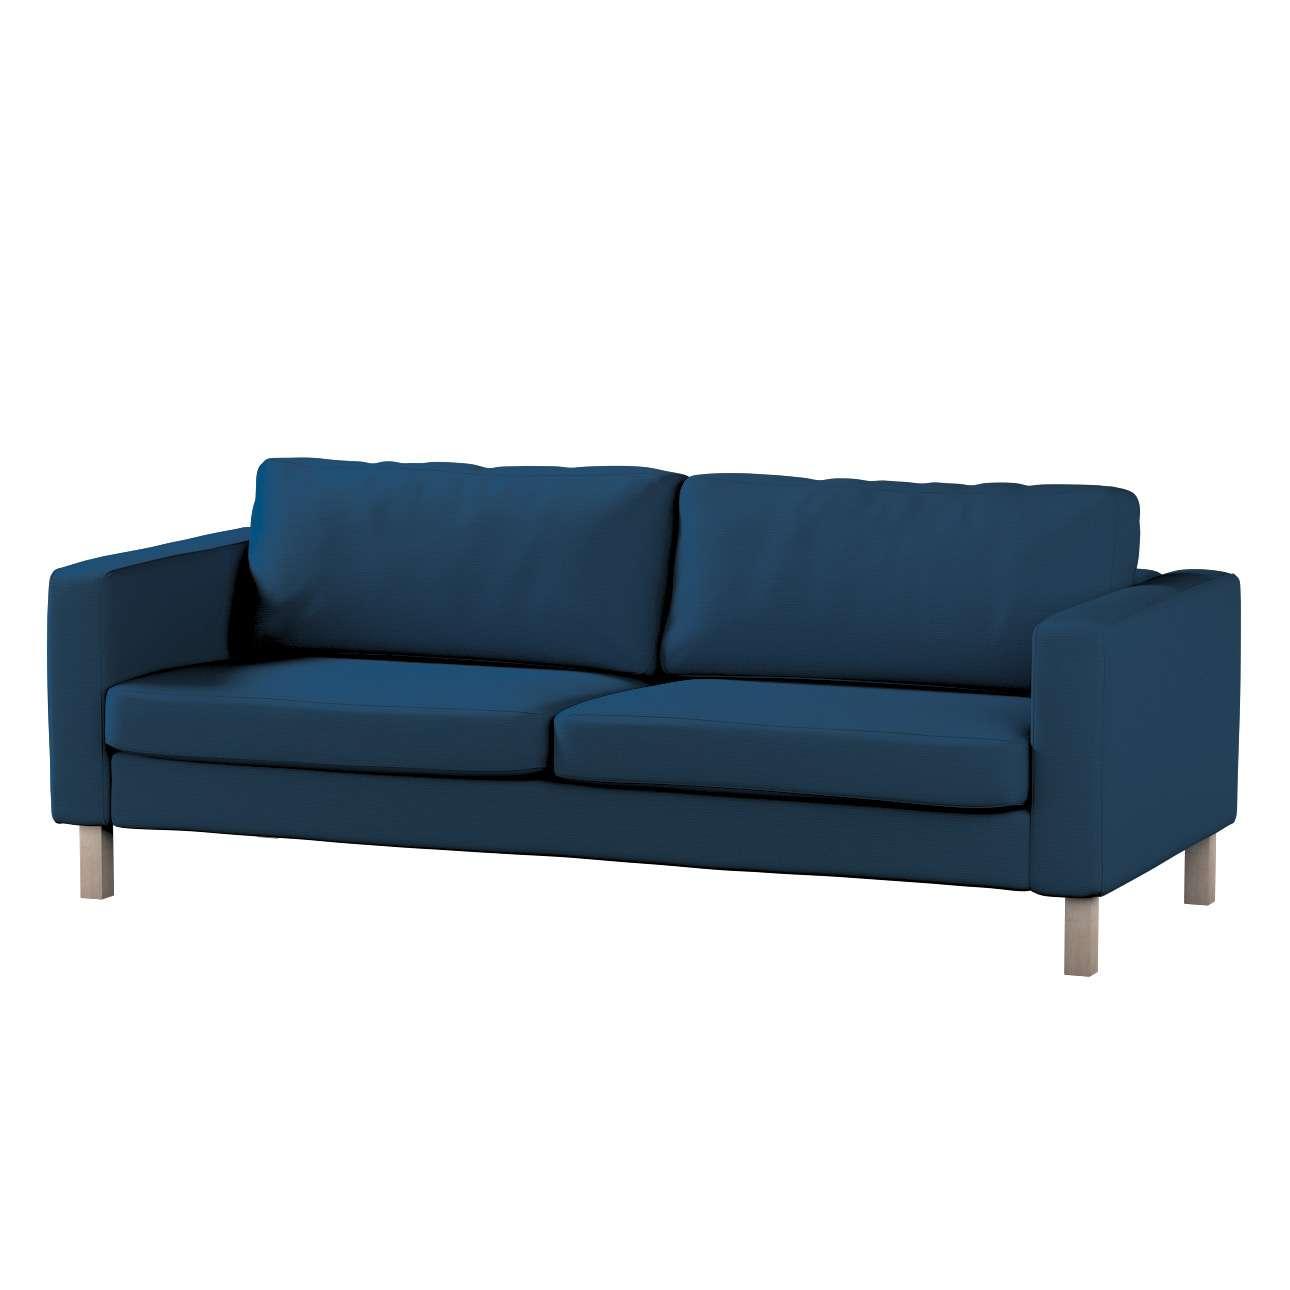 Pokrowiec na sofę Karlstad rozkładaną, krótki Sofa Karlstad 3-os rozkładana w kolekcji Cotton Panama, tkanina: 702-30